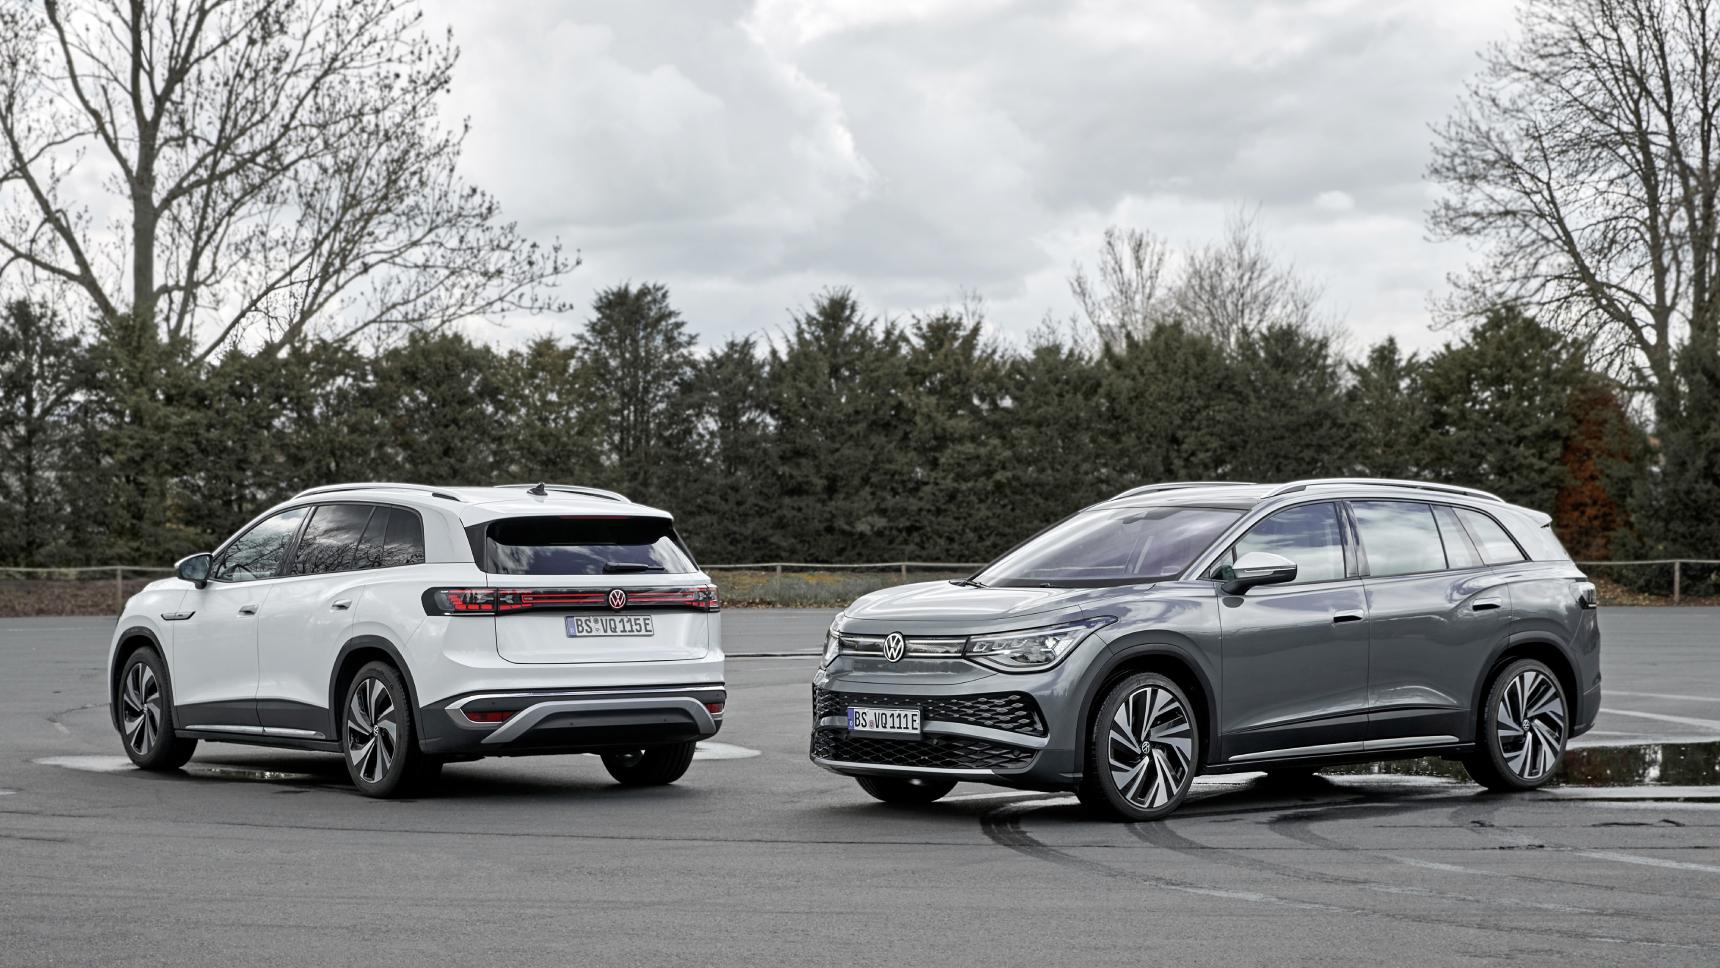 Представлен первый трехрядный электро-кросс Volkswagen